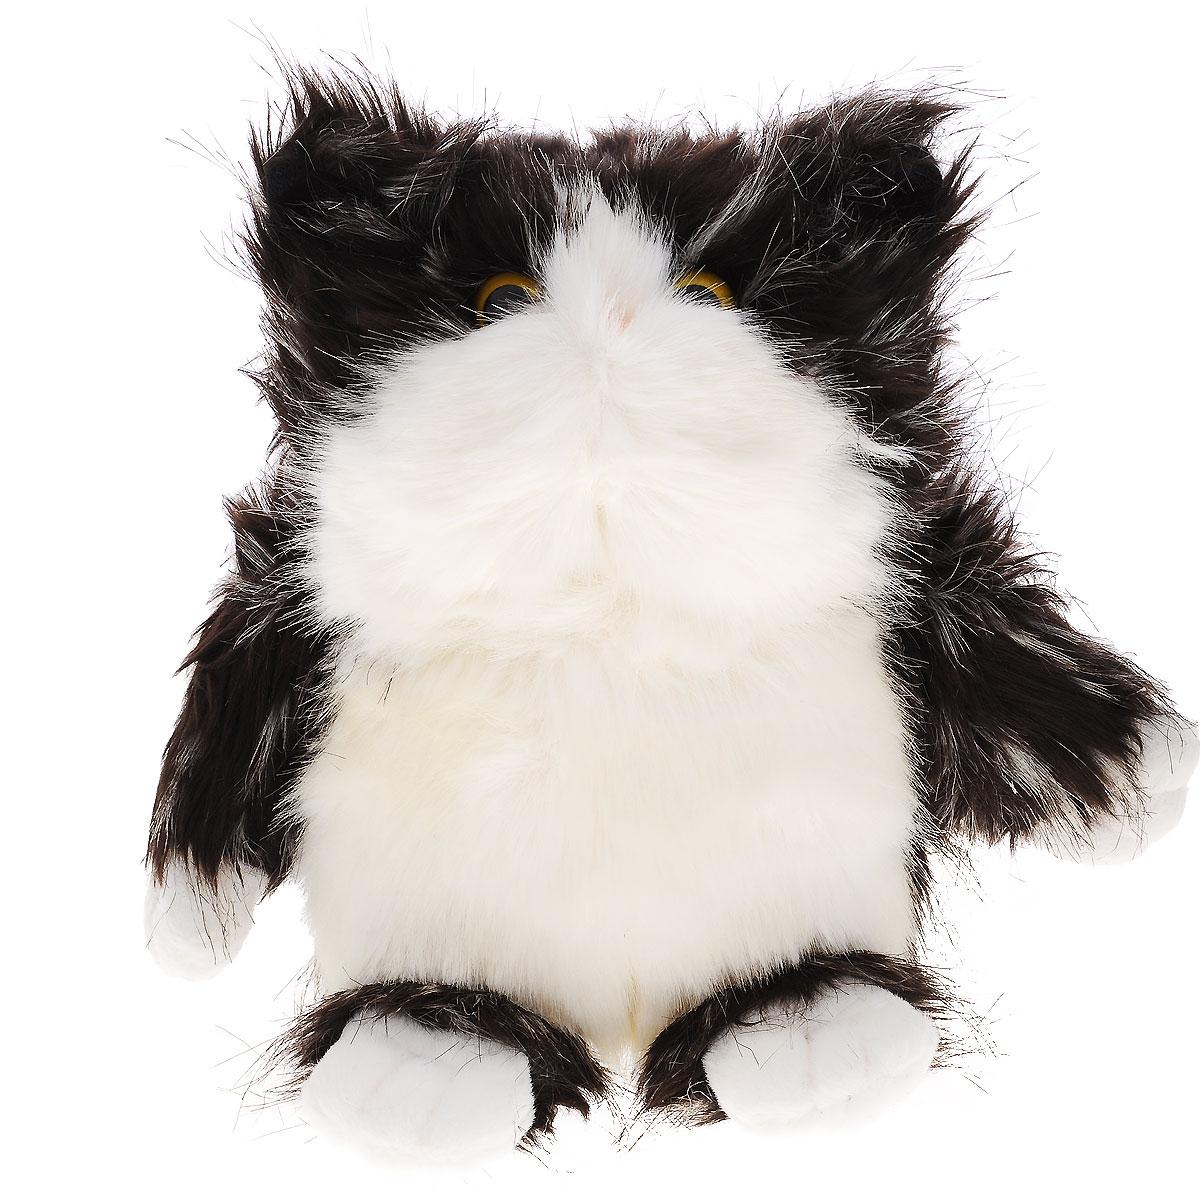 Мягкая игрушка Plush Apple Кот Пушистик, 27 смK33055BОчаровательная мягкая игрушка Plush Apple Кот Пушистик непременно вызовет улыбку у детей и взрослых. Изготовлена приятных на ощупь и очень мягких материалов, безвредных для малыша. Выполнена игрушка в виде прелестного кота с пластиковыми глазками. Кот может составить компанию и дома, и на прогулке, и даже в постели, когда ребенок ложится спать. Игрушка способствует развитию воображения и тактильной чувствительности у детей.